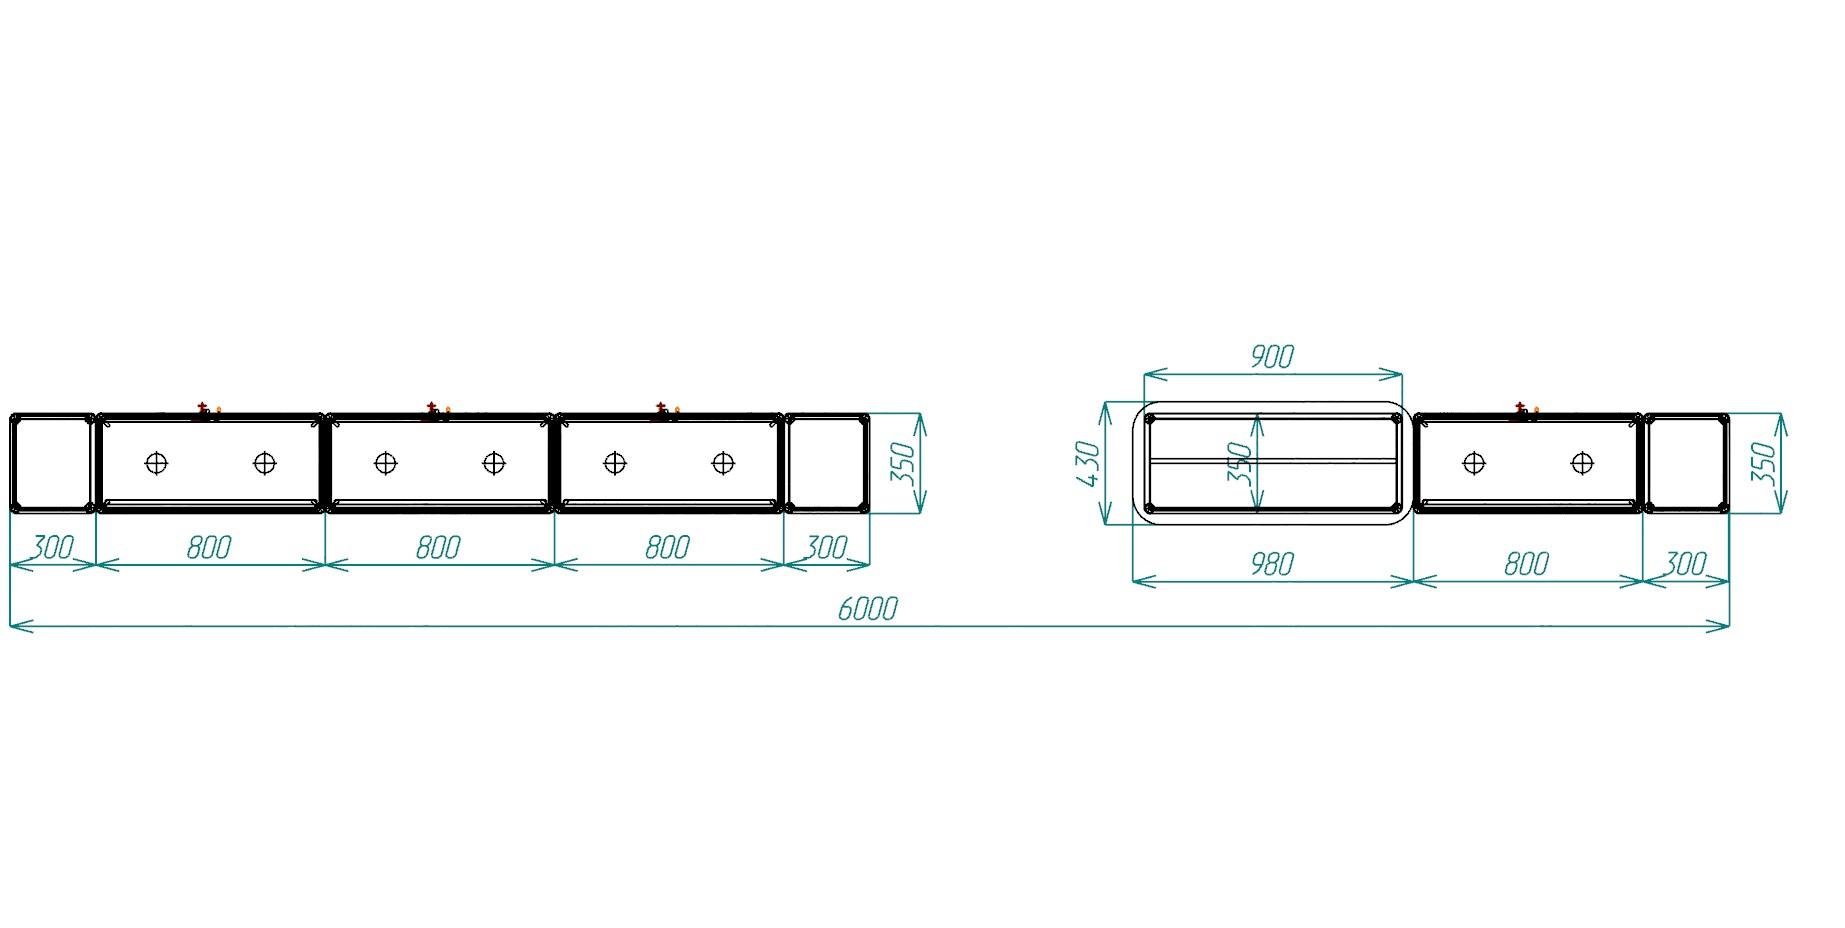 витрины из алюминиевого профиля схема сборки